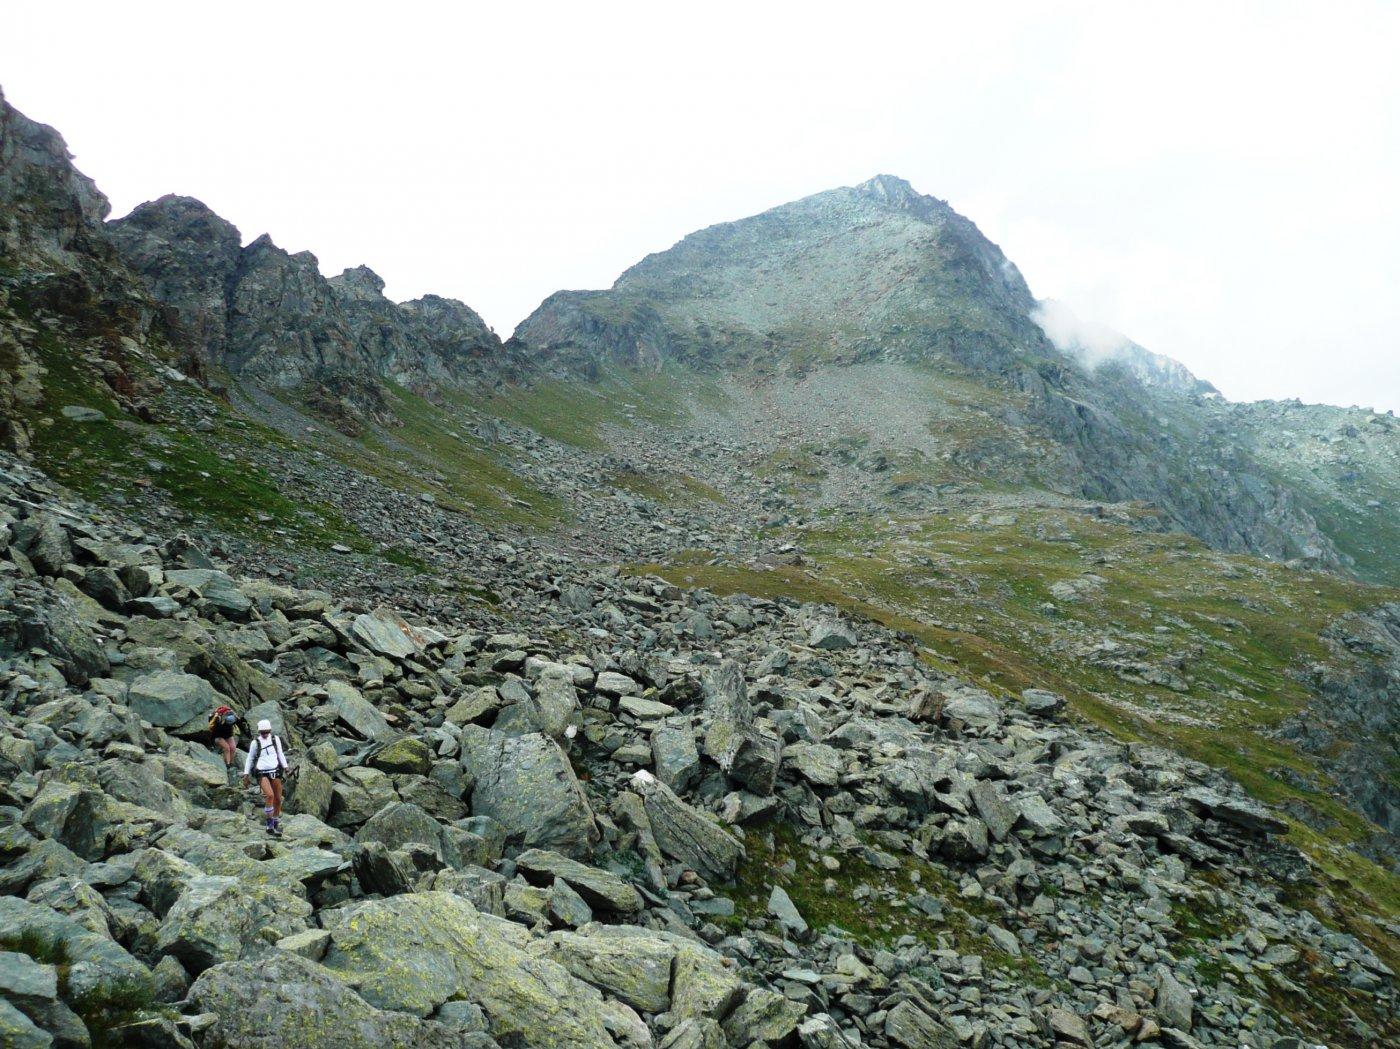 breve pietraia sulla via del ritorno, prima del Col di Nana, sullo sfondo la sagoma del Petit Tournalin con il ripido versante di discesa del sentiero D3